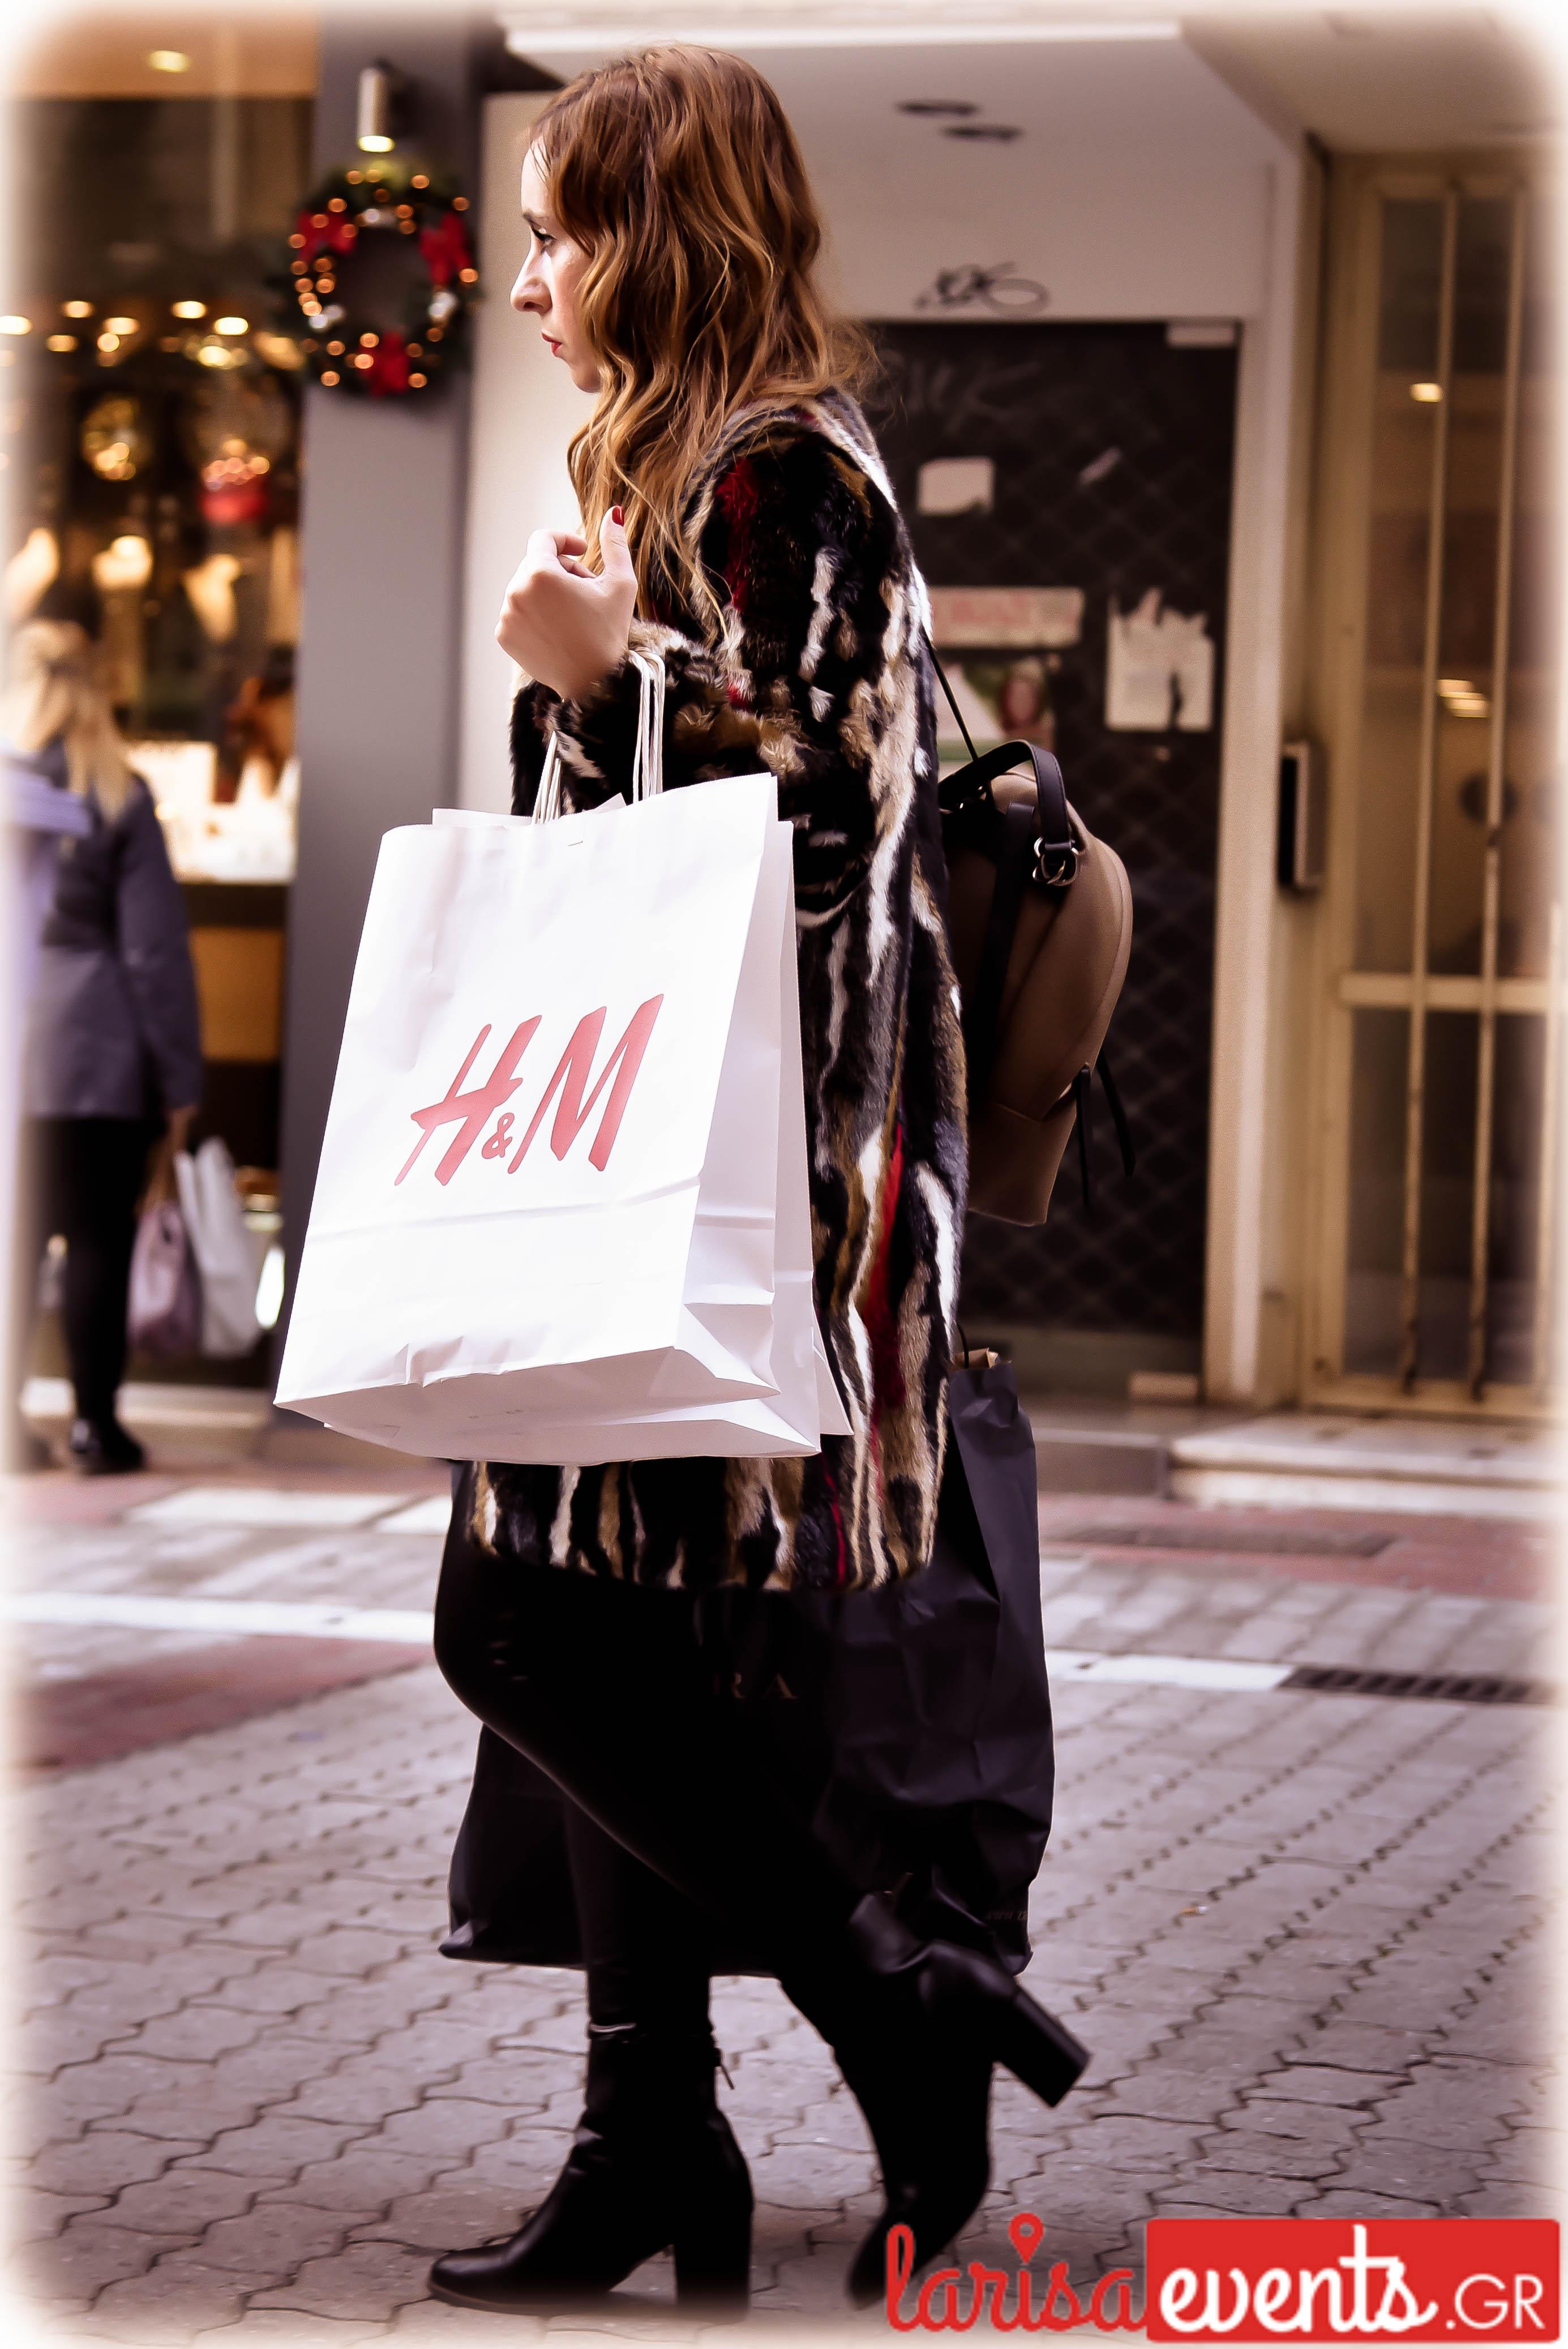 LAZ 4858 - Το fashion κομμάτι που προτίμησαν περισσότερο απ' όλα οι Λαρισαίες φέτος!